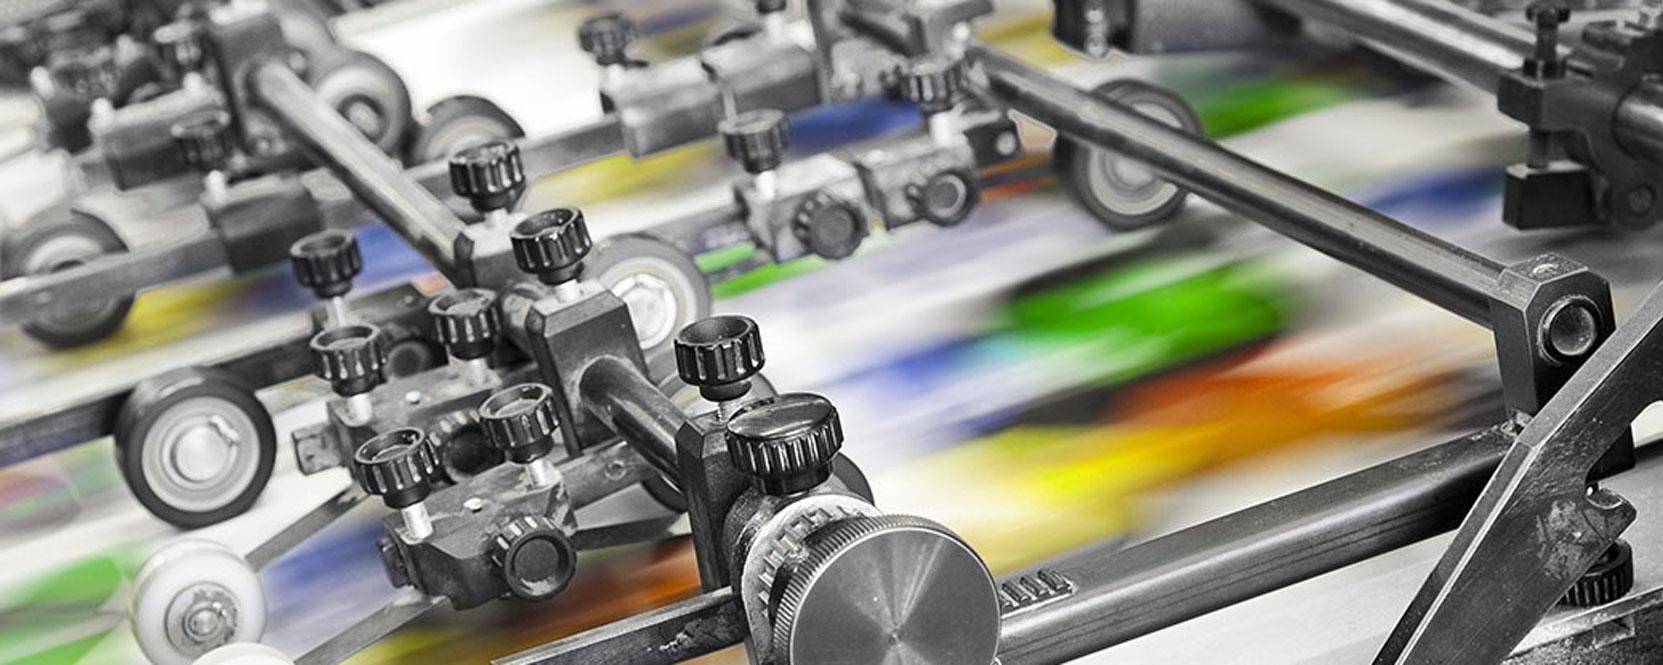 چاپخانه رودساز